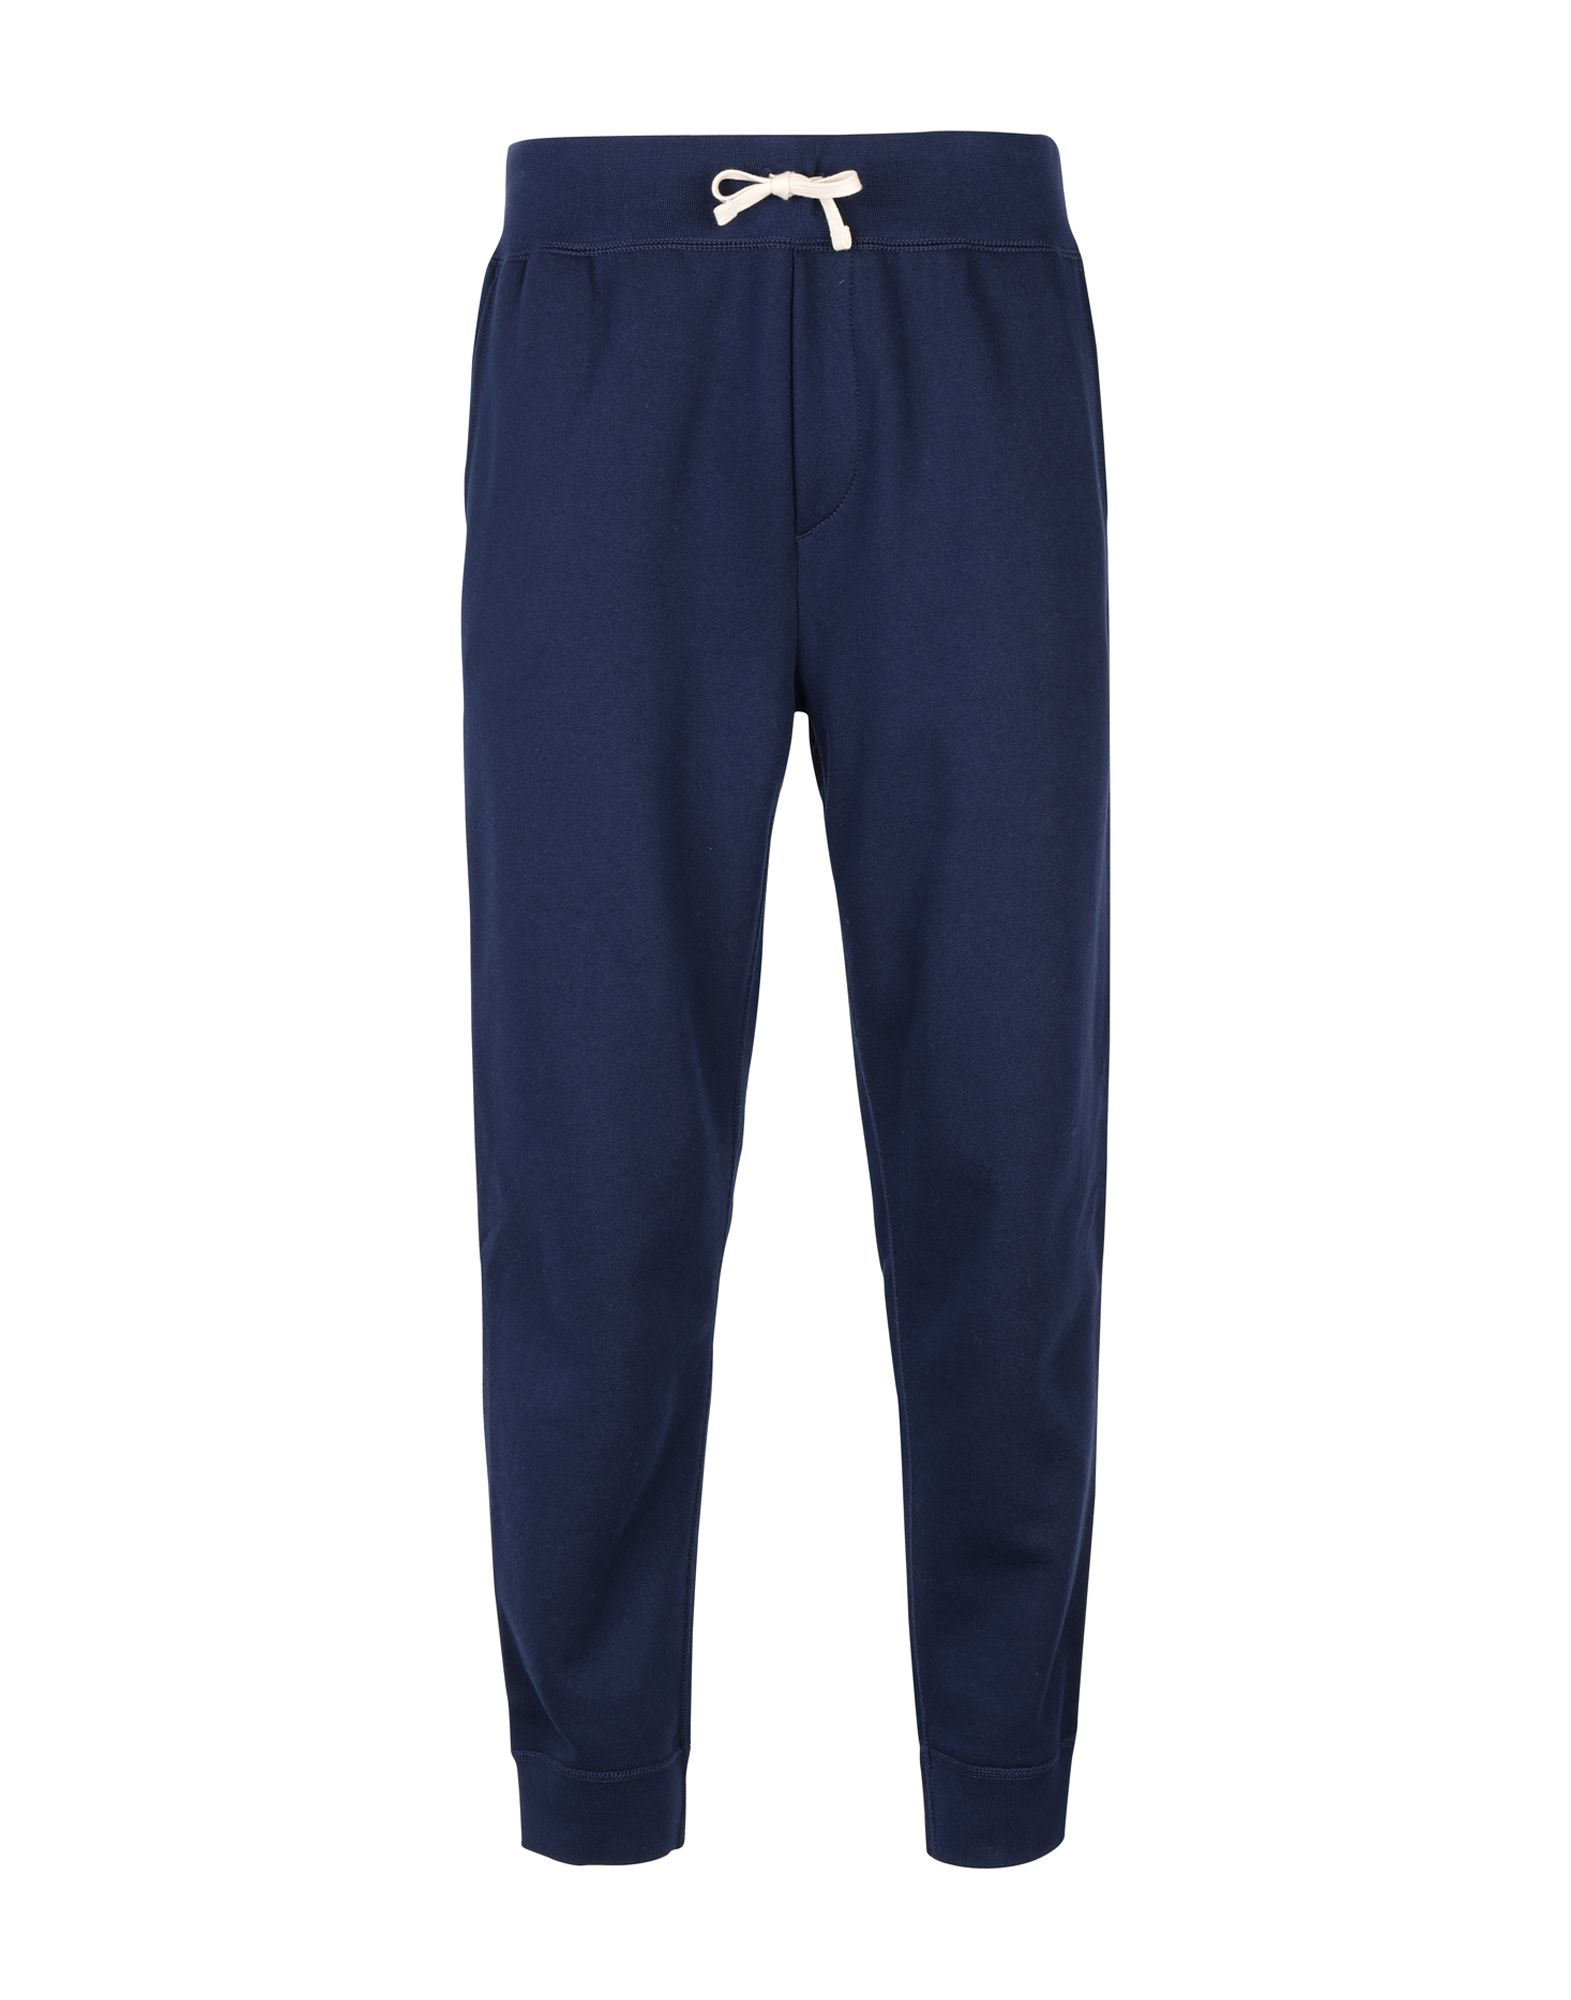 《セール開催中》POLO RALPH LAUREN メンズ パンツ ダークブルー XL コットン 86% / ポリエステル 14% Cotton Blend Fleece Jogger